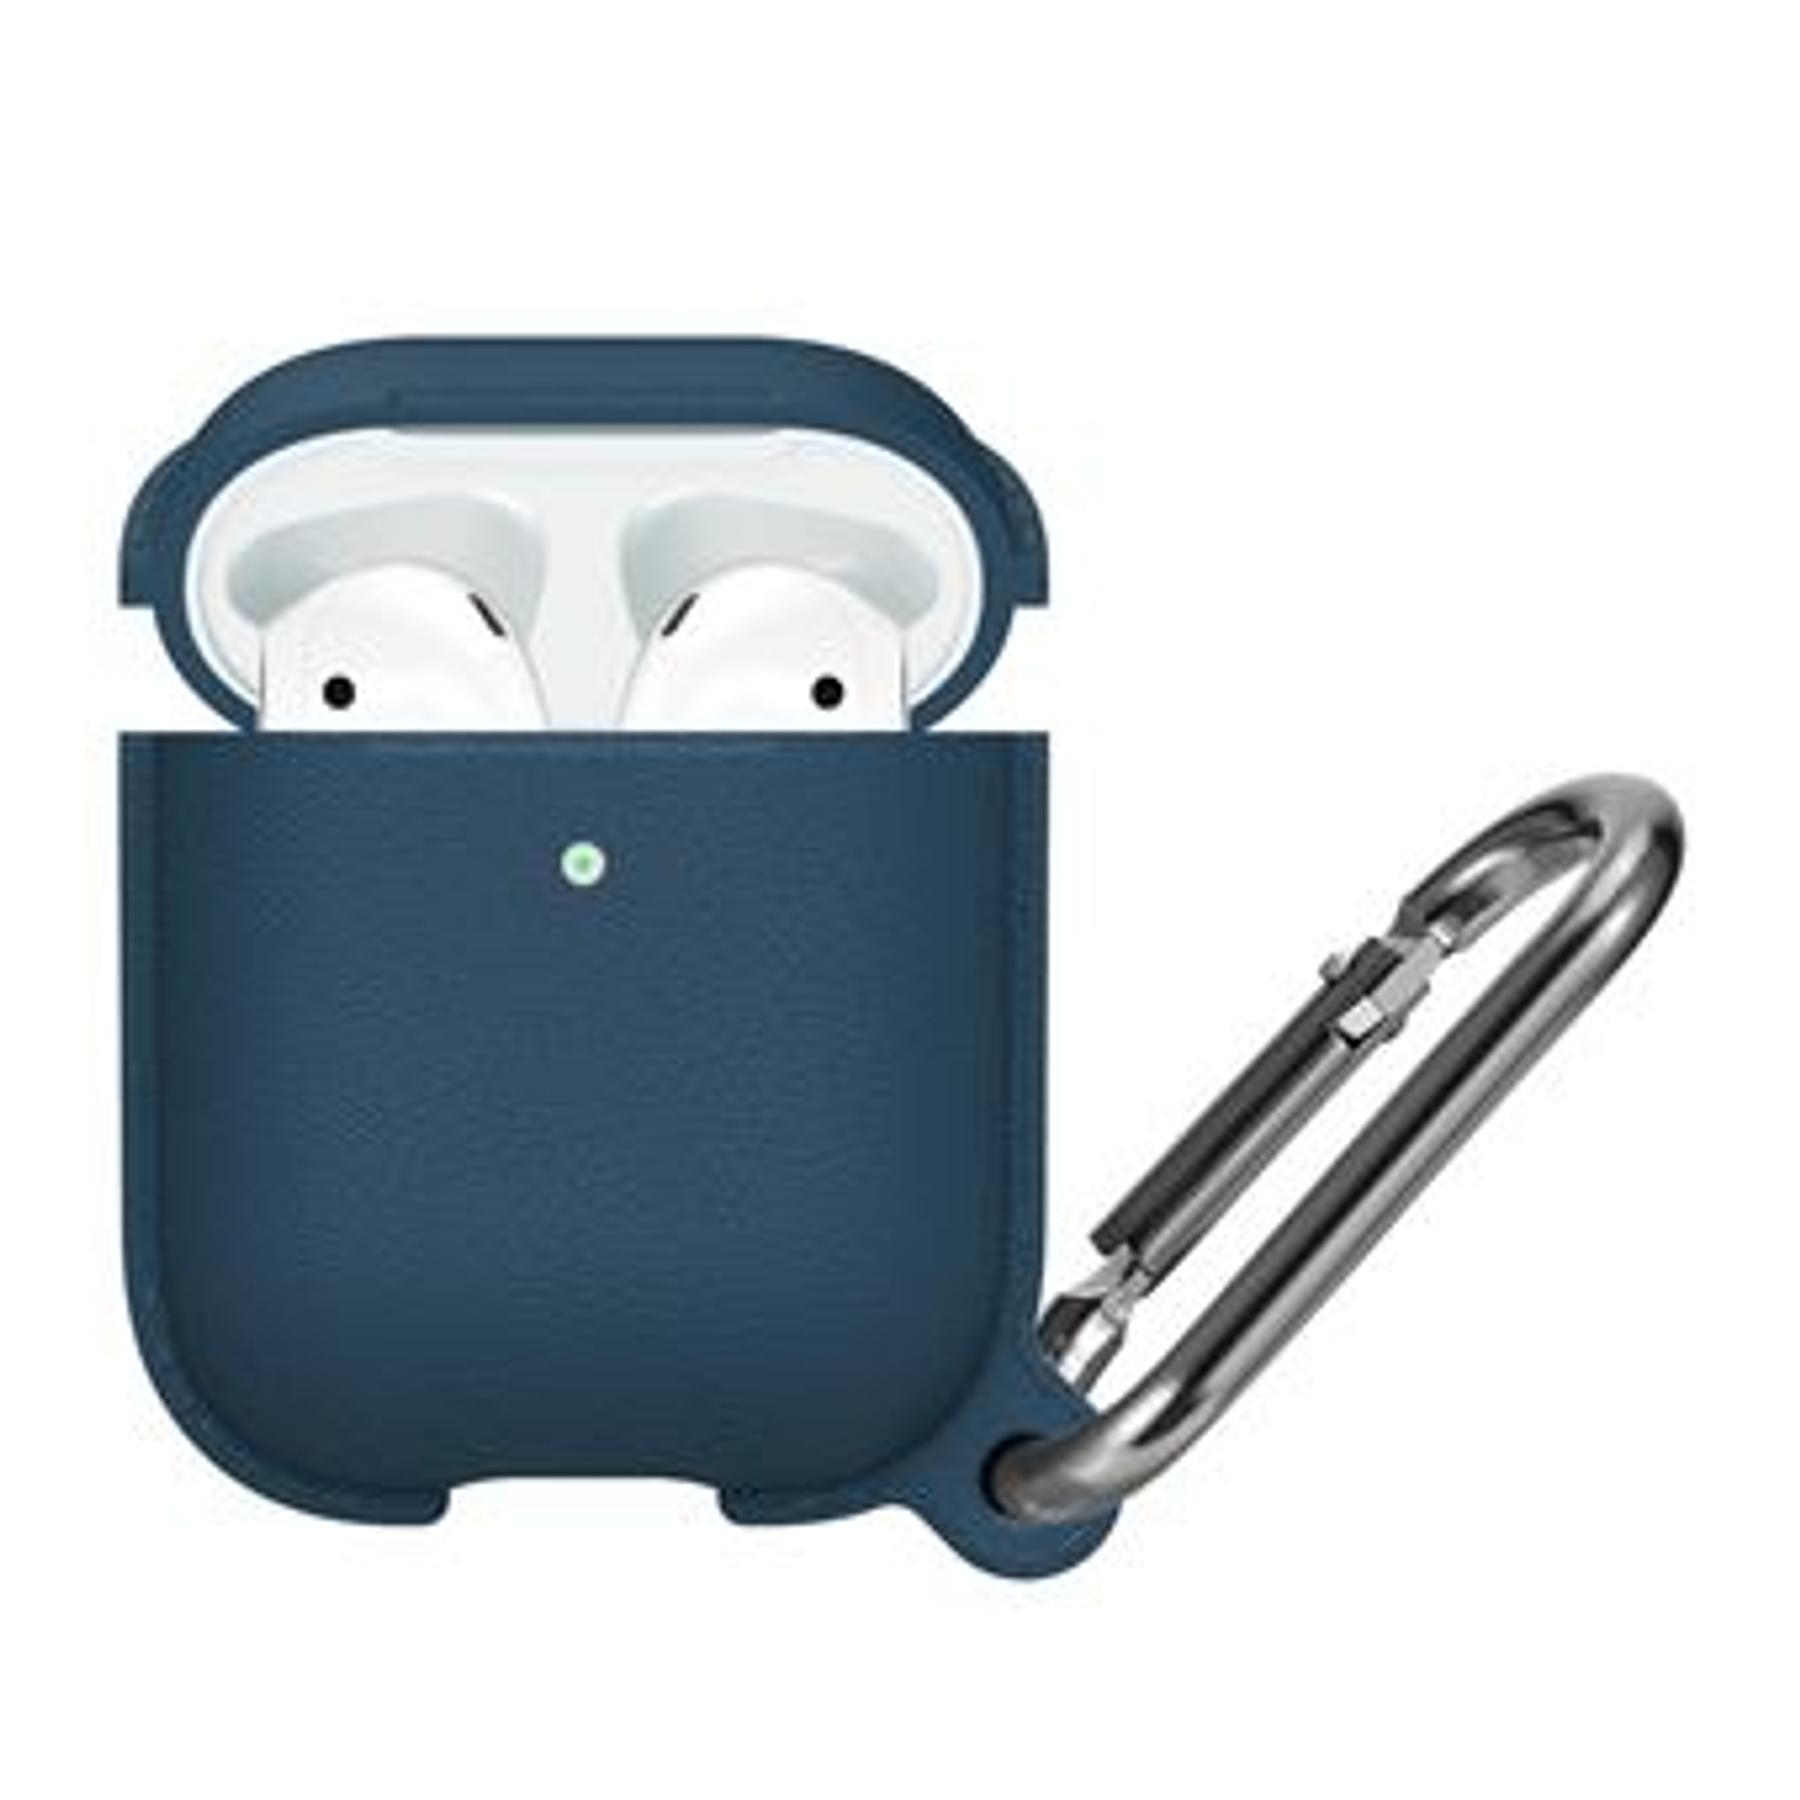 Carcasa AirPods 1 / 2 Azul Oscuro - Calidad Premium